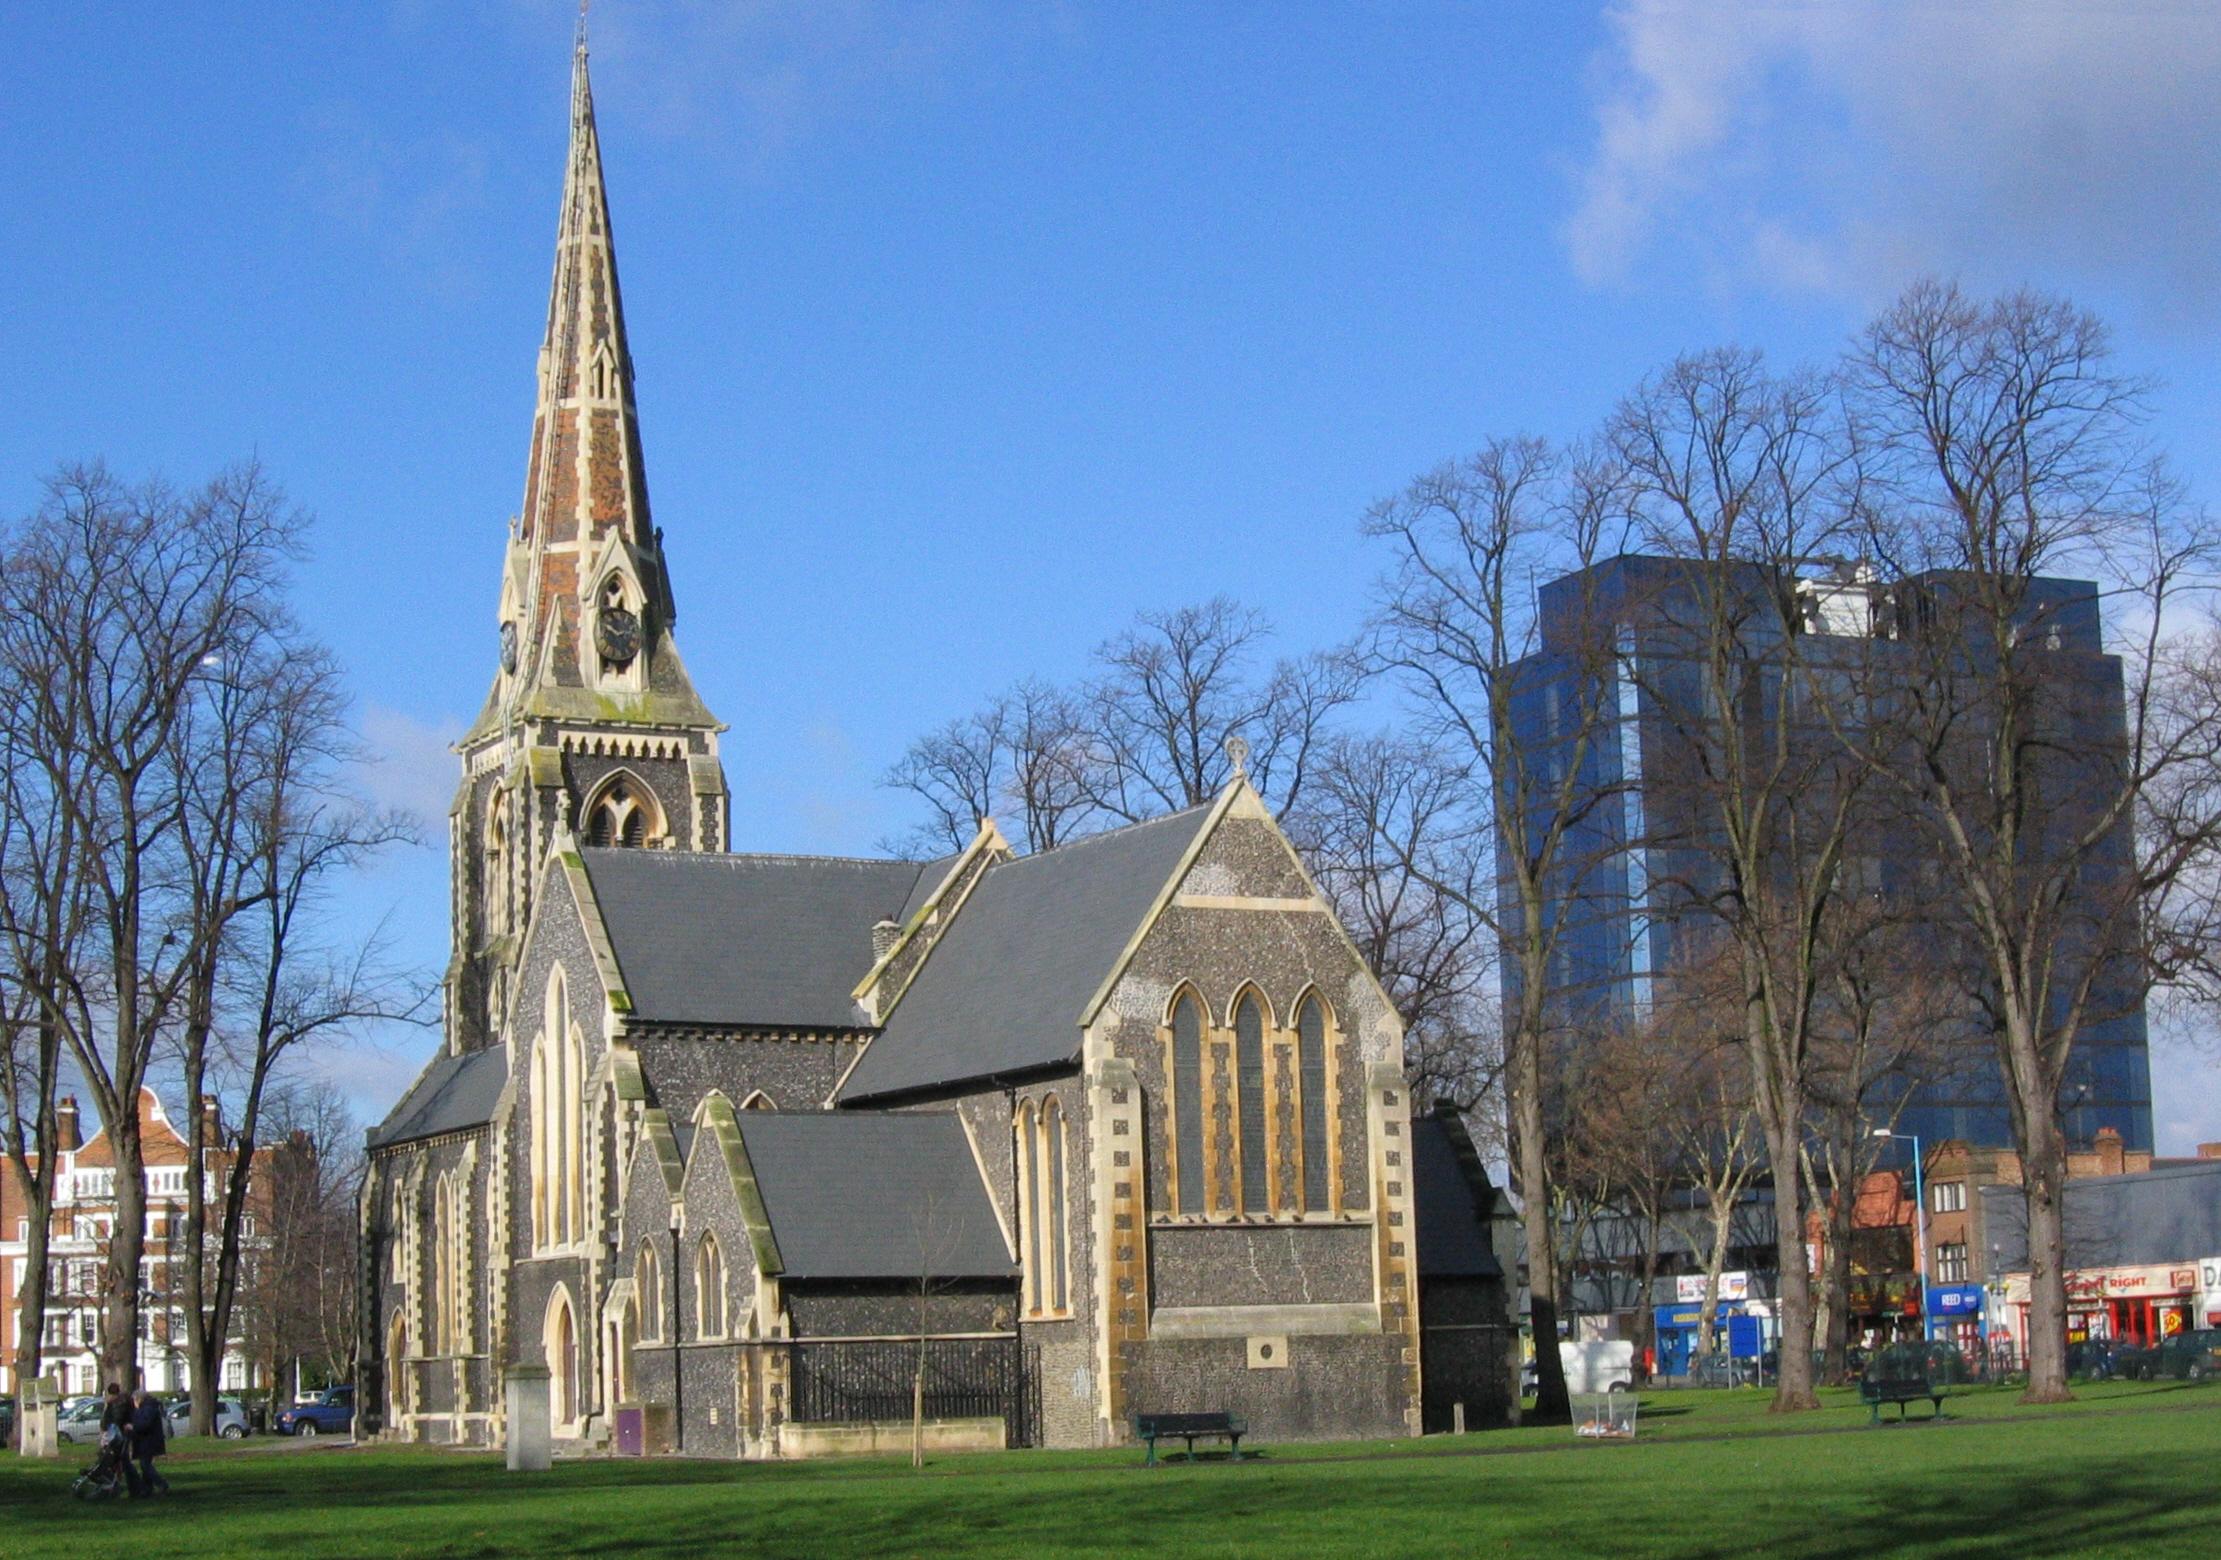 Christ Church Picture: Familypedia